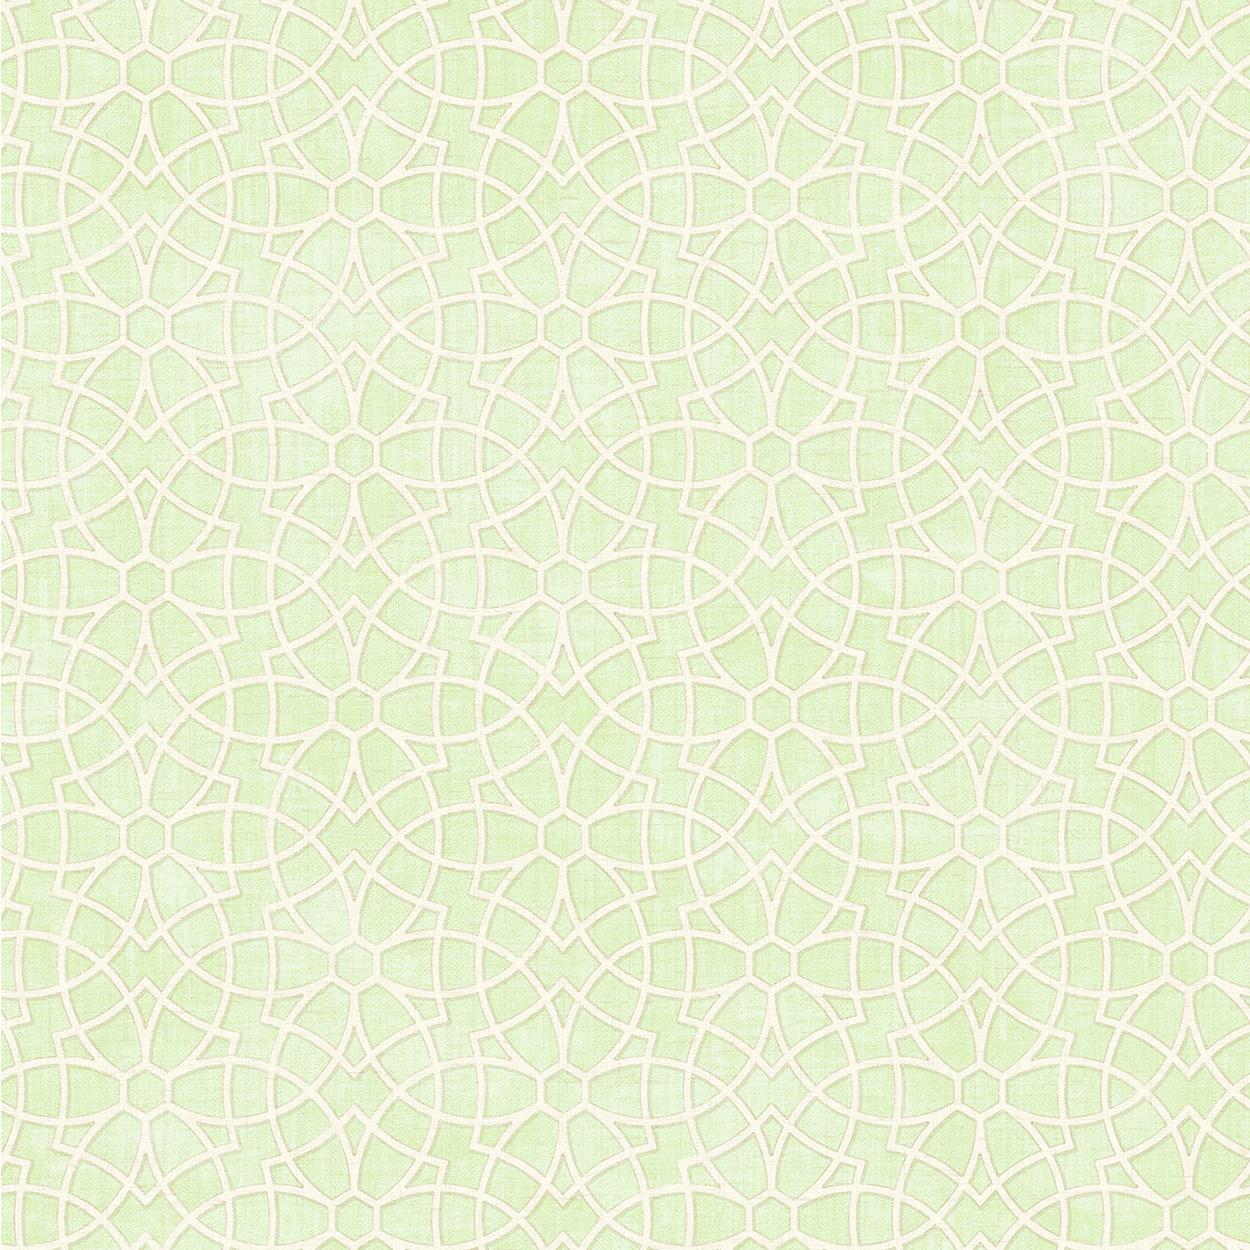 کاغذدیواری رنگ سبز ملایم از آلبوم داماسک فولیو برند سیبروک آمریکا 30304